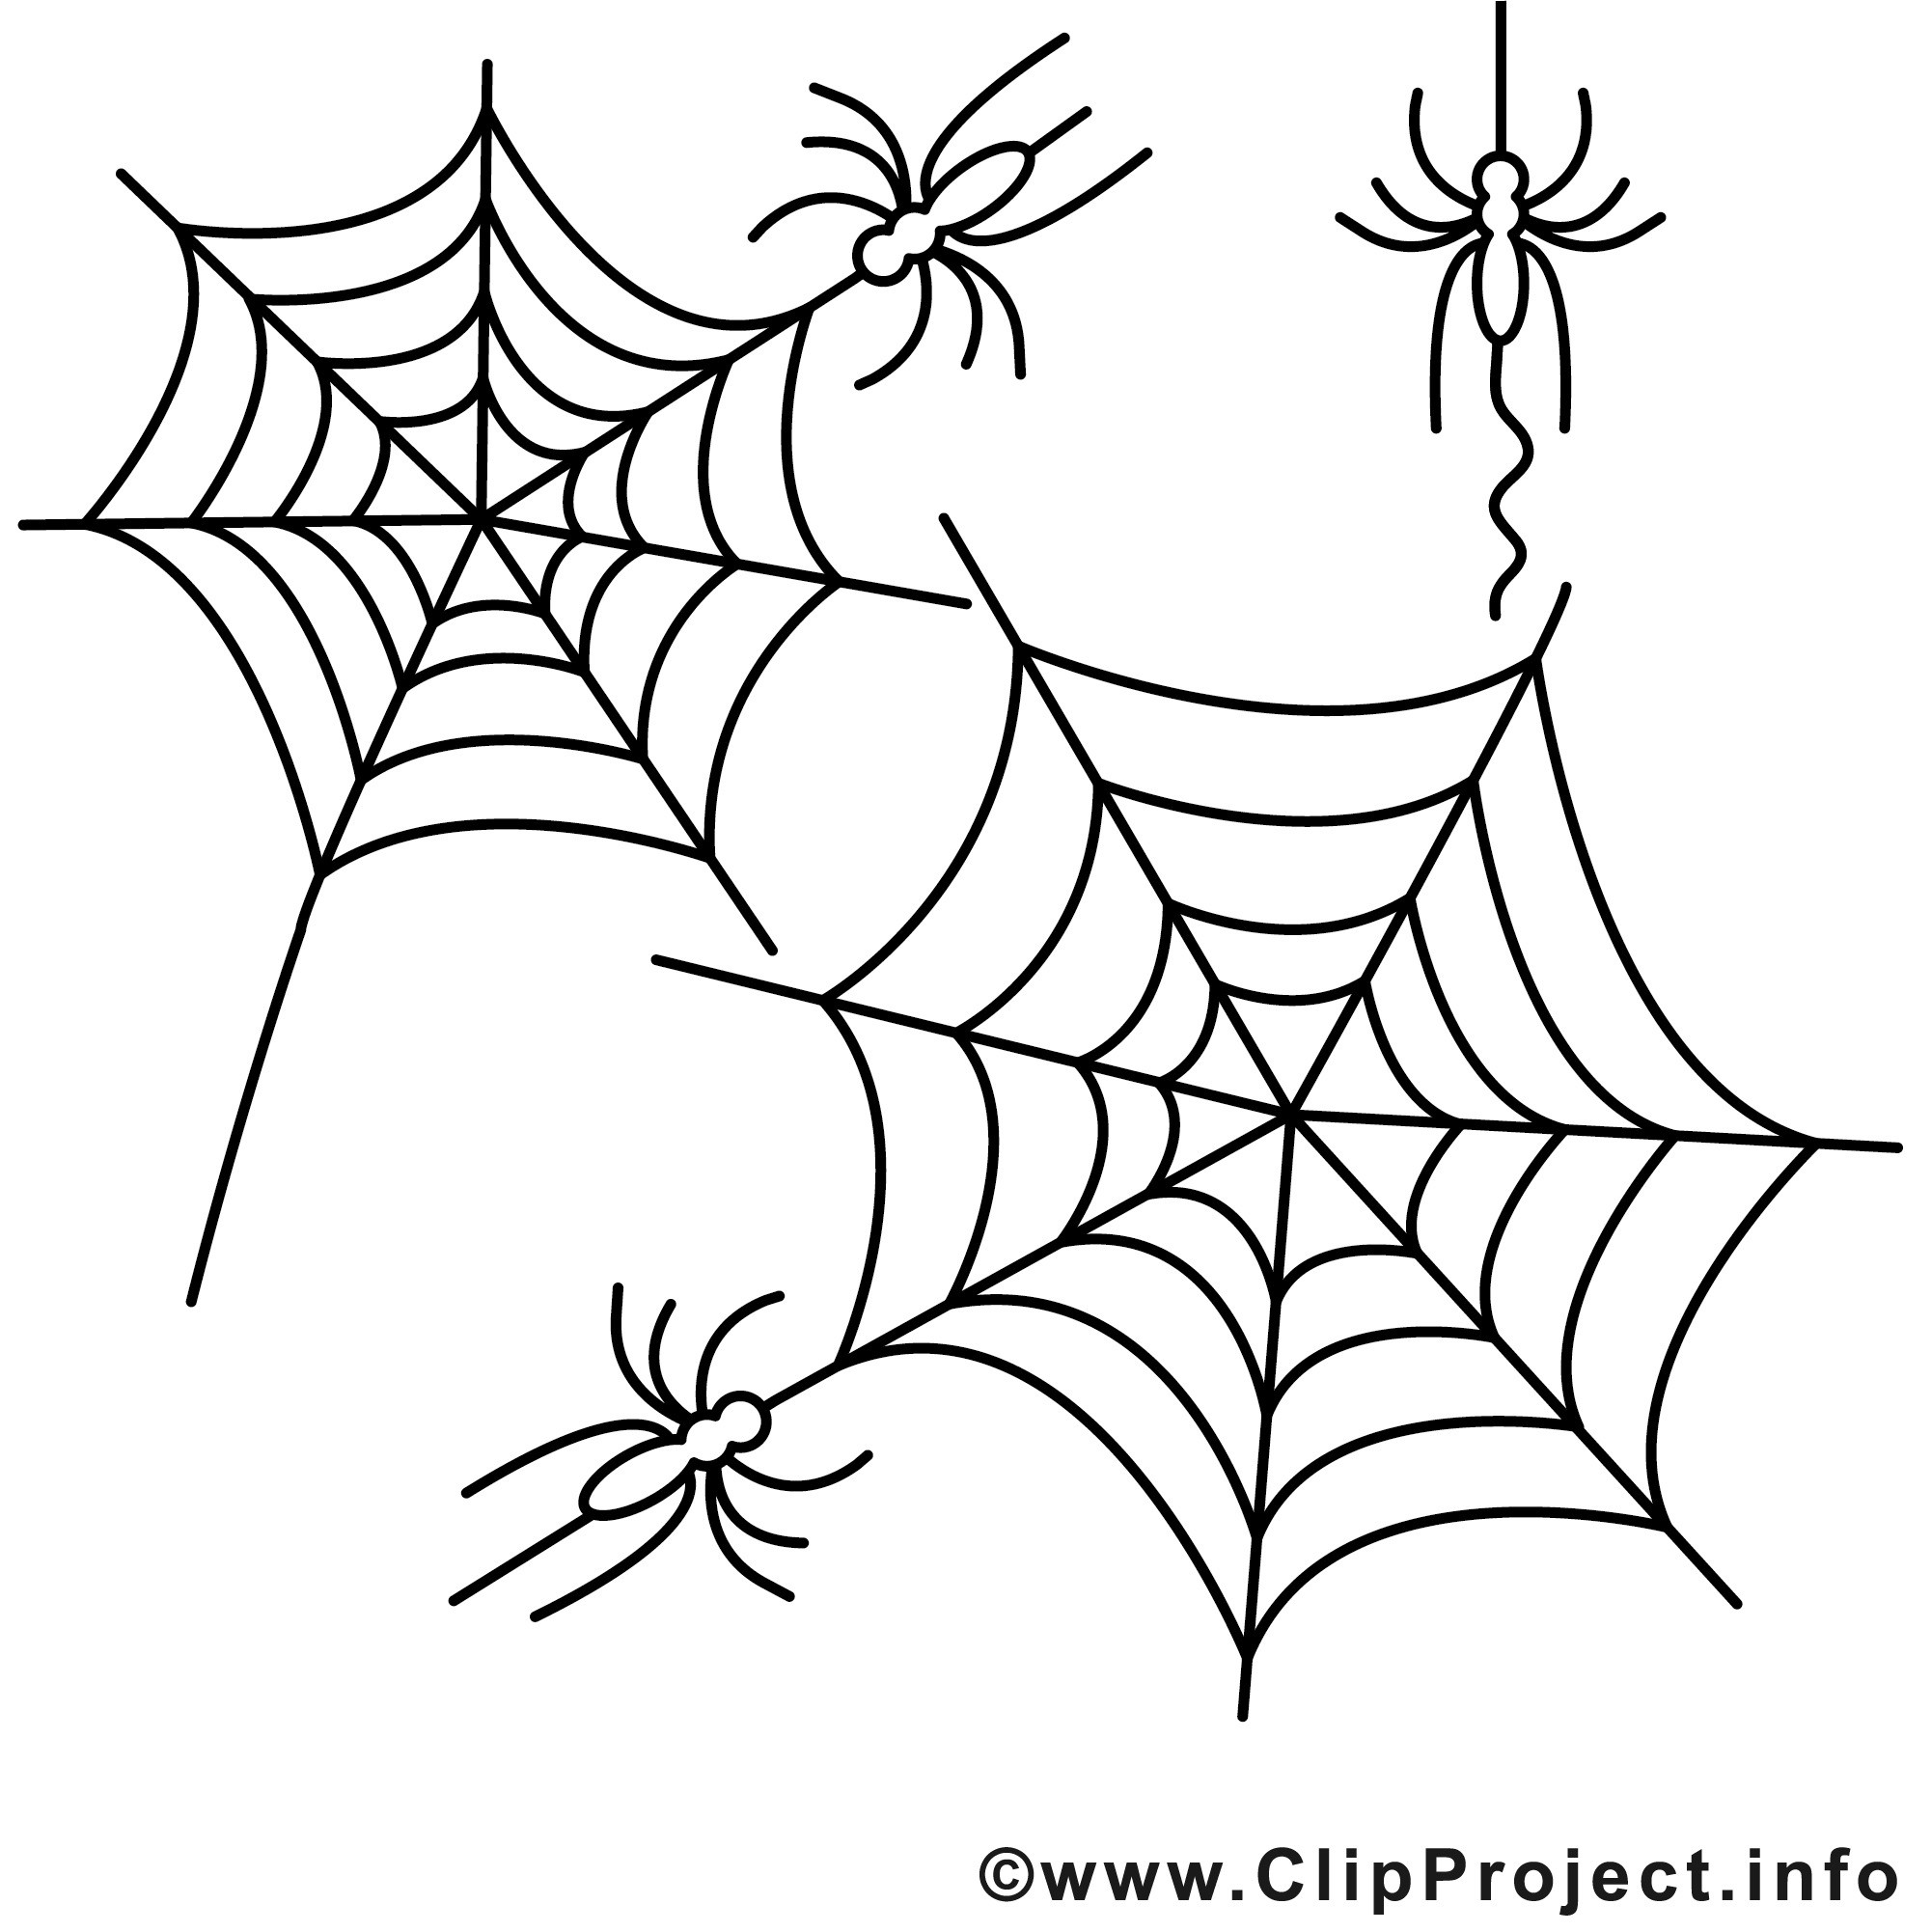 Spinnennetz Mit Spinne Malvorlage Neu Malvorlagen Und Briefpapier Gratis Zum Drucken Basteln Mit Kindern Das Bild